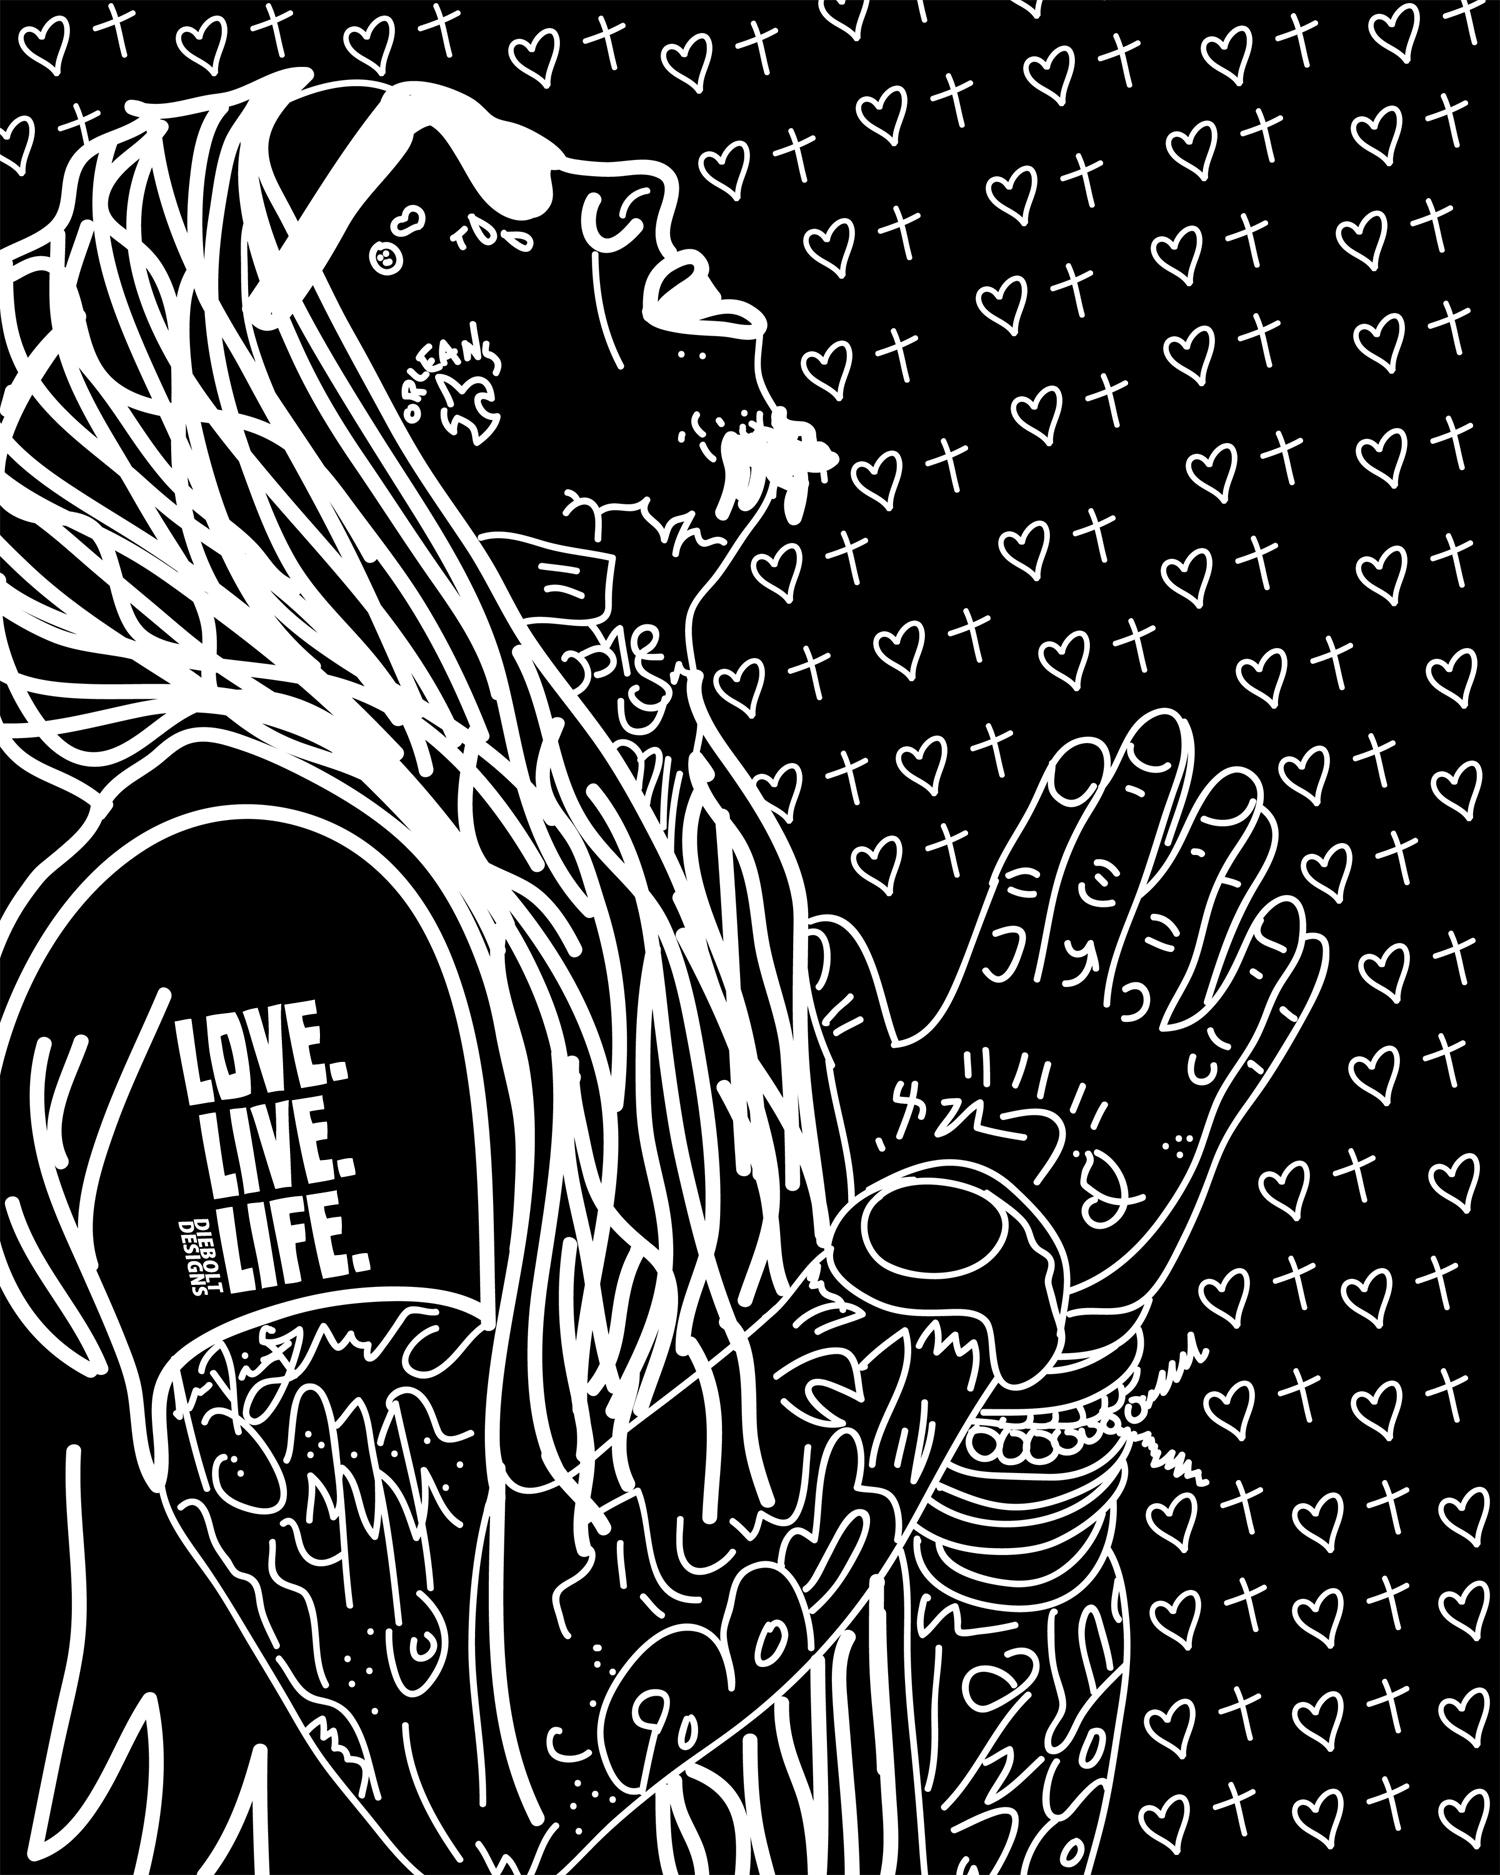 Lil Wayne LoveLiveLife Poster